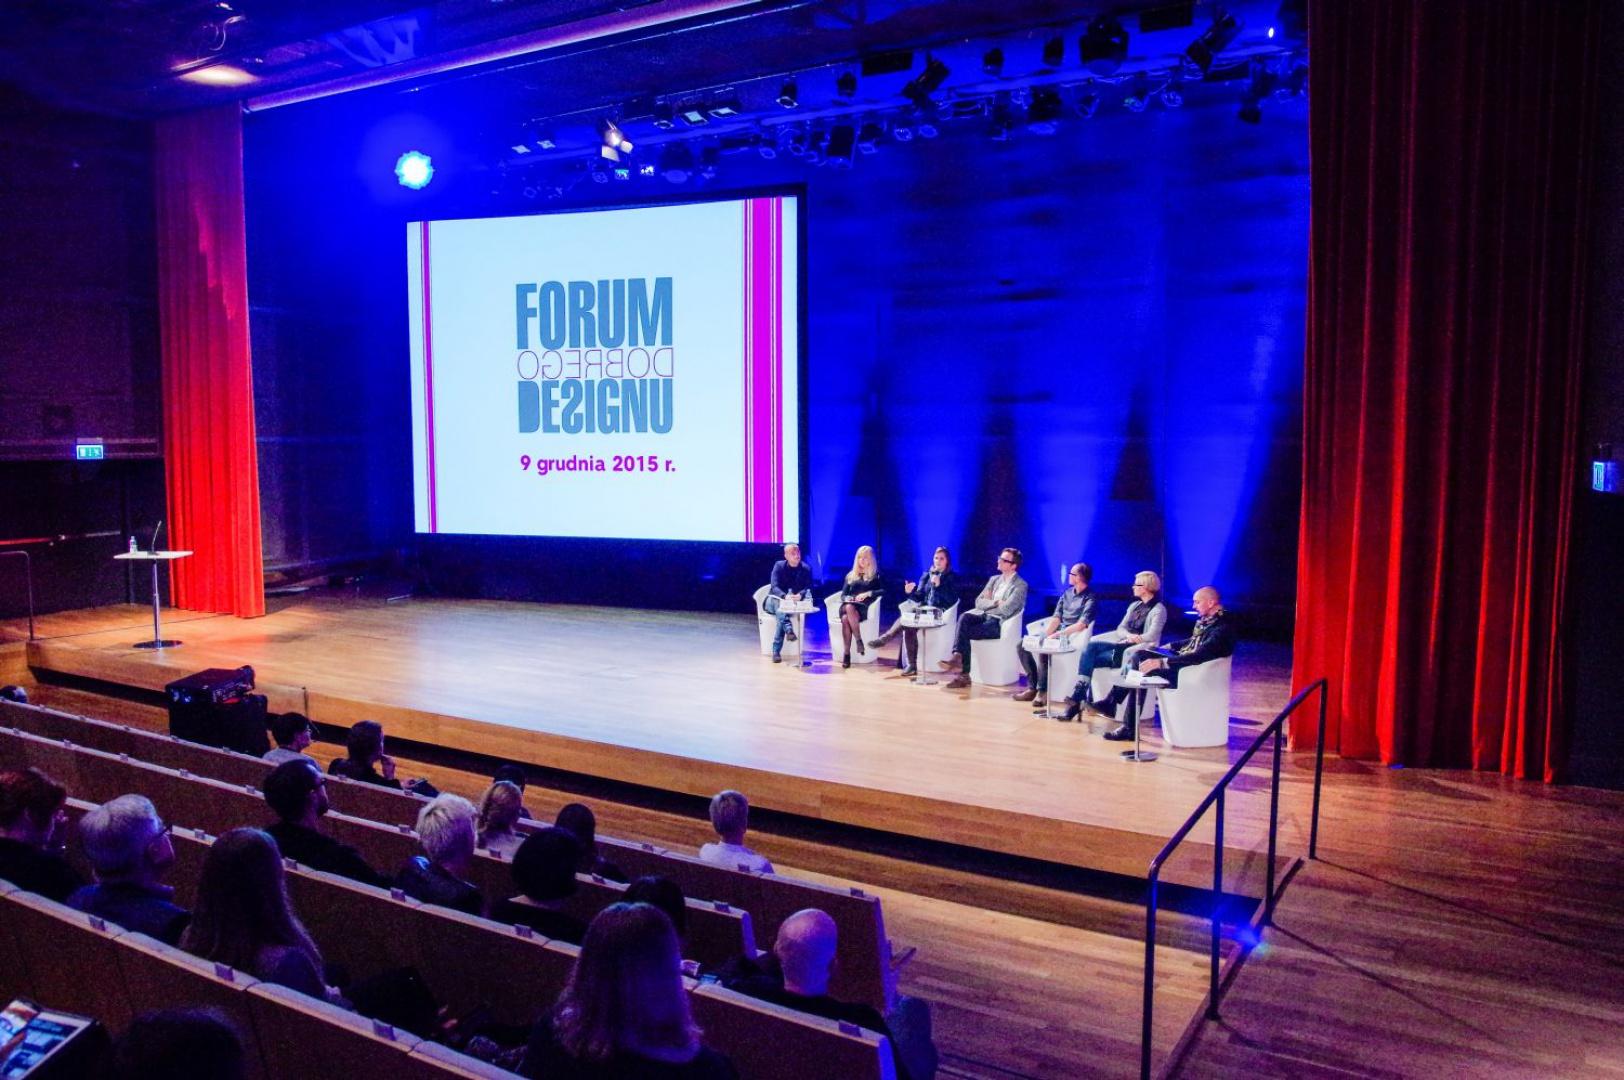 III Edycja Forum Dobrego Designu obfitowała w intrygujące dyskusje. Zapraszamy do obejrzenia naszej wideorelacji. Fot. Piotr Waniorek.